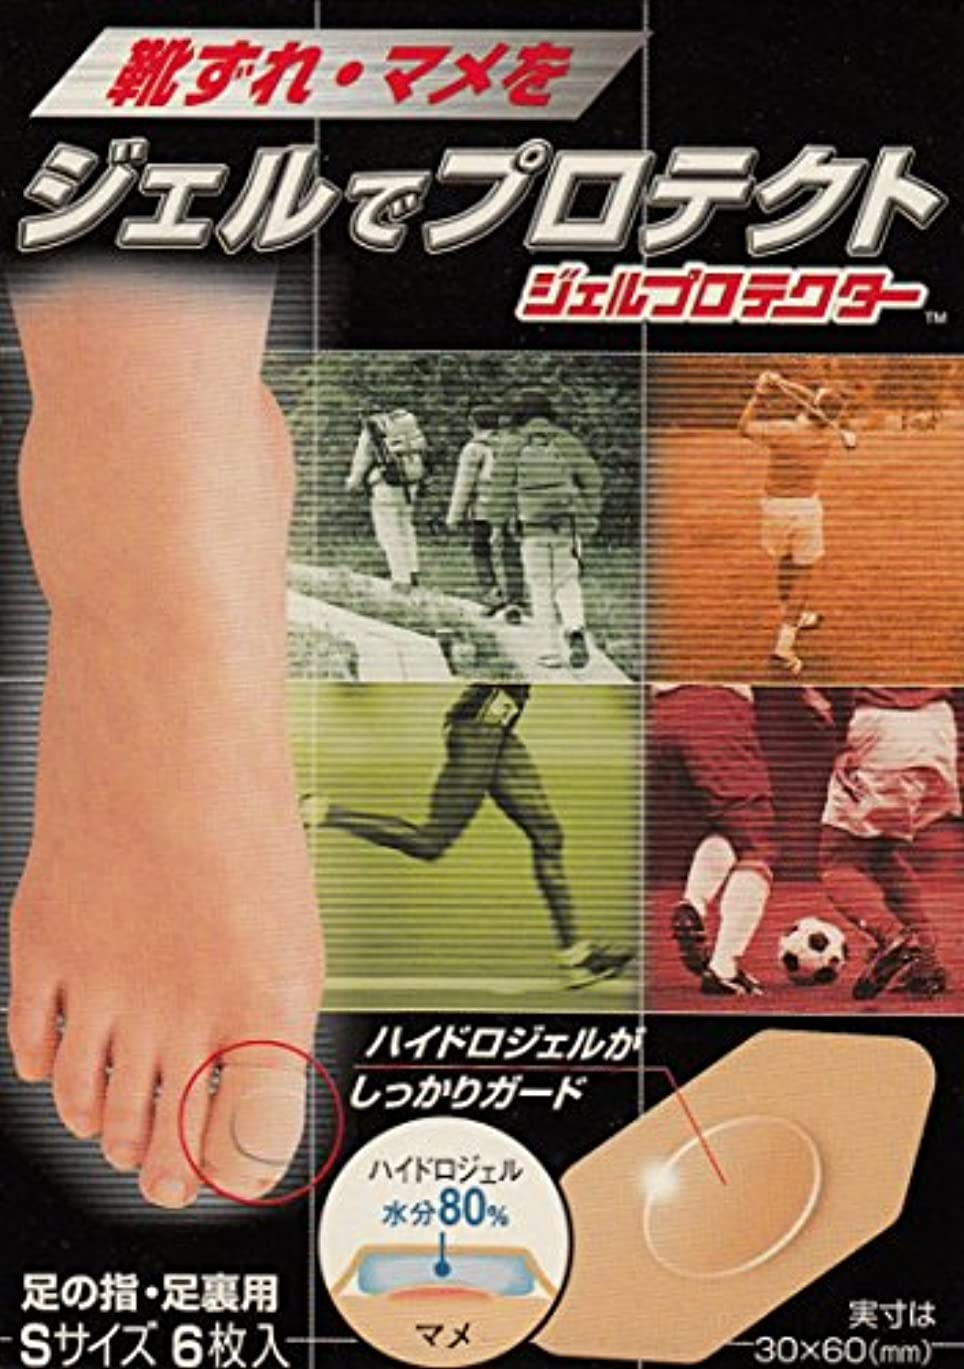 スイッチ酔った処理【ニチバン】バトルウィン ジェルプロテクター 足の指?足裏用 Sサイズ6枚 ×5個セット